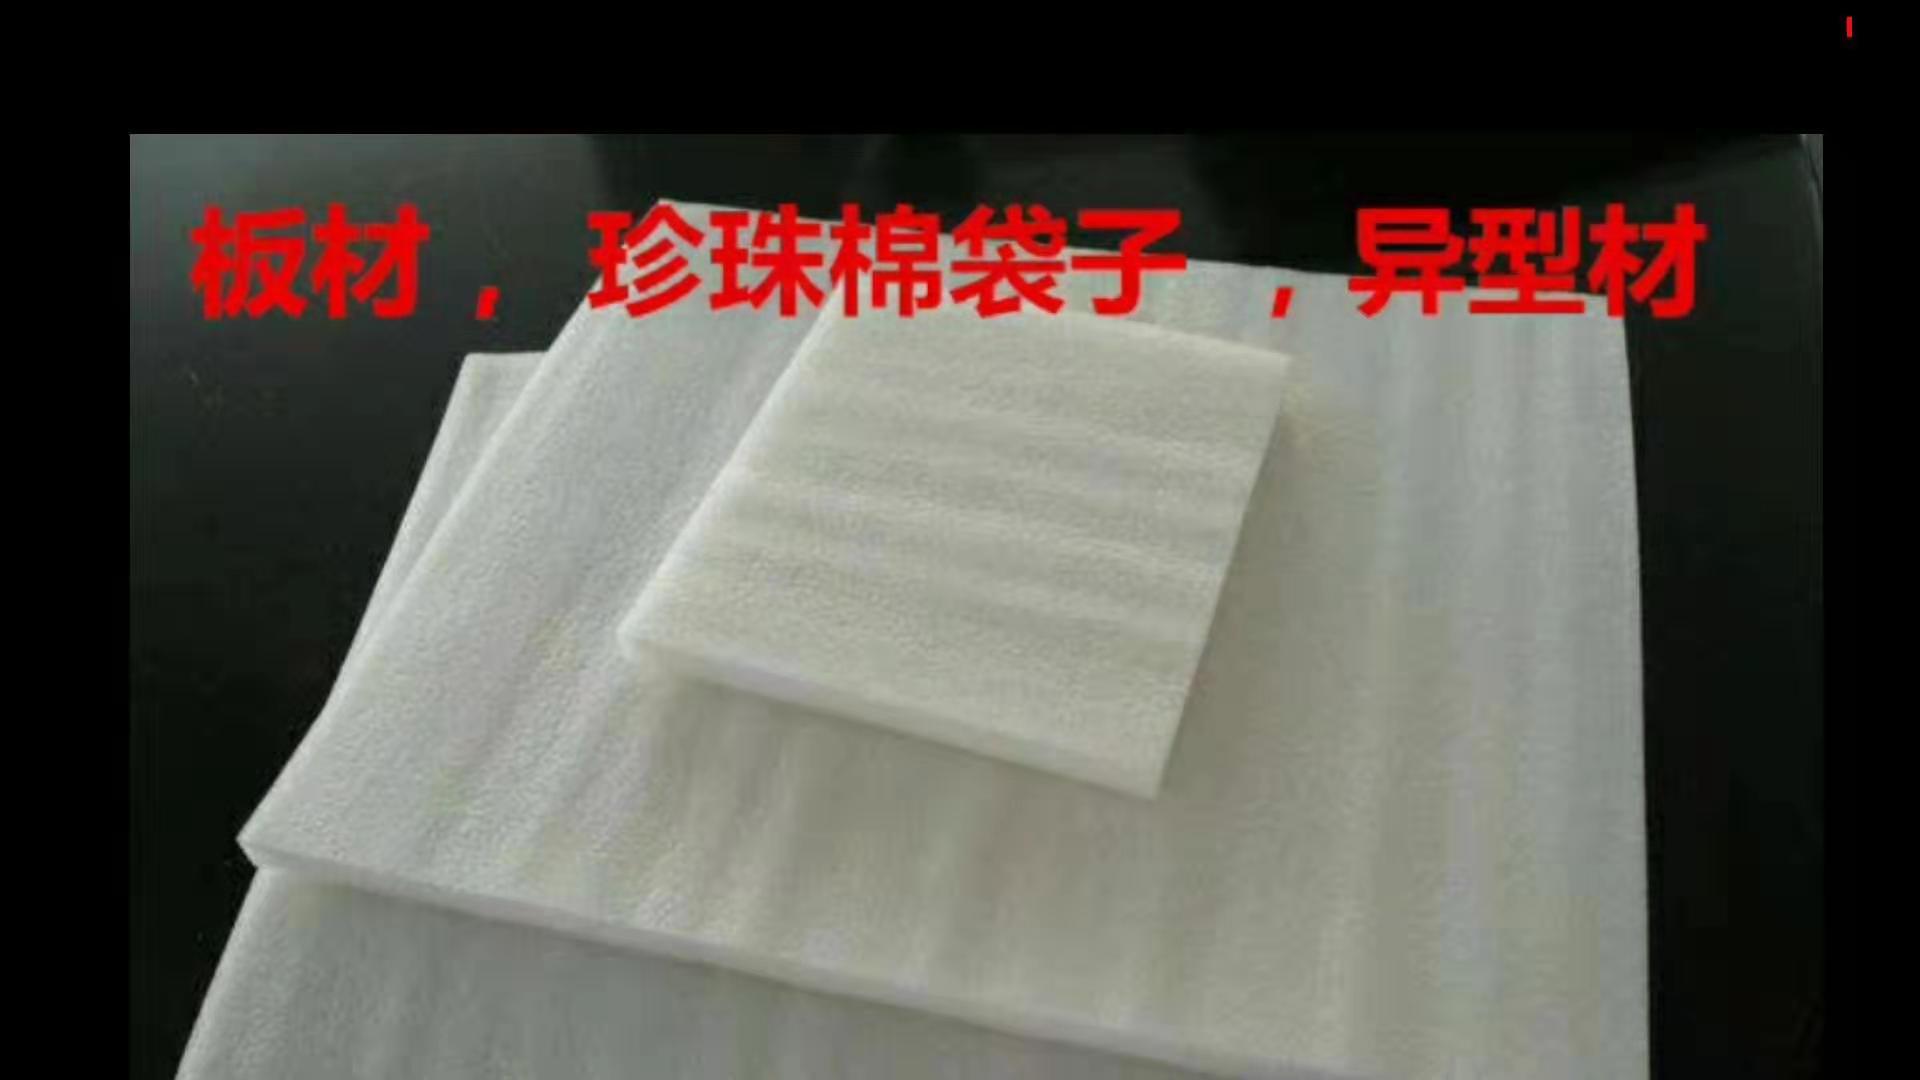 珍珠棉和隔音棉的分别  广东珍珠棉生产厂家 珍珠棉和隔音棉的分别